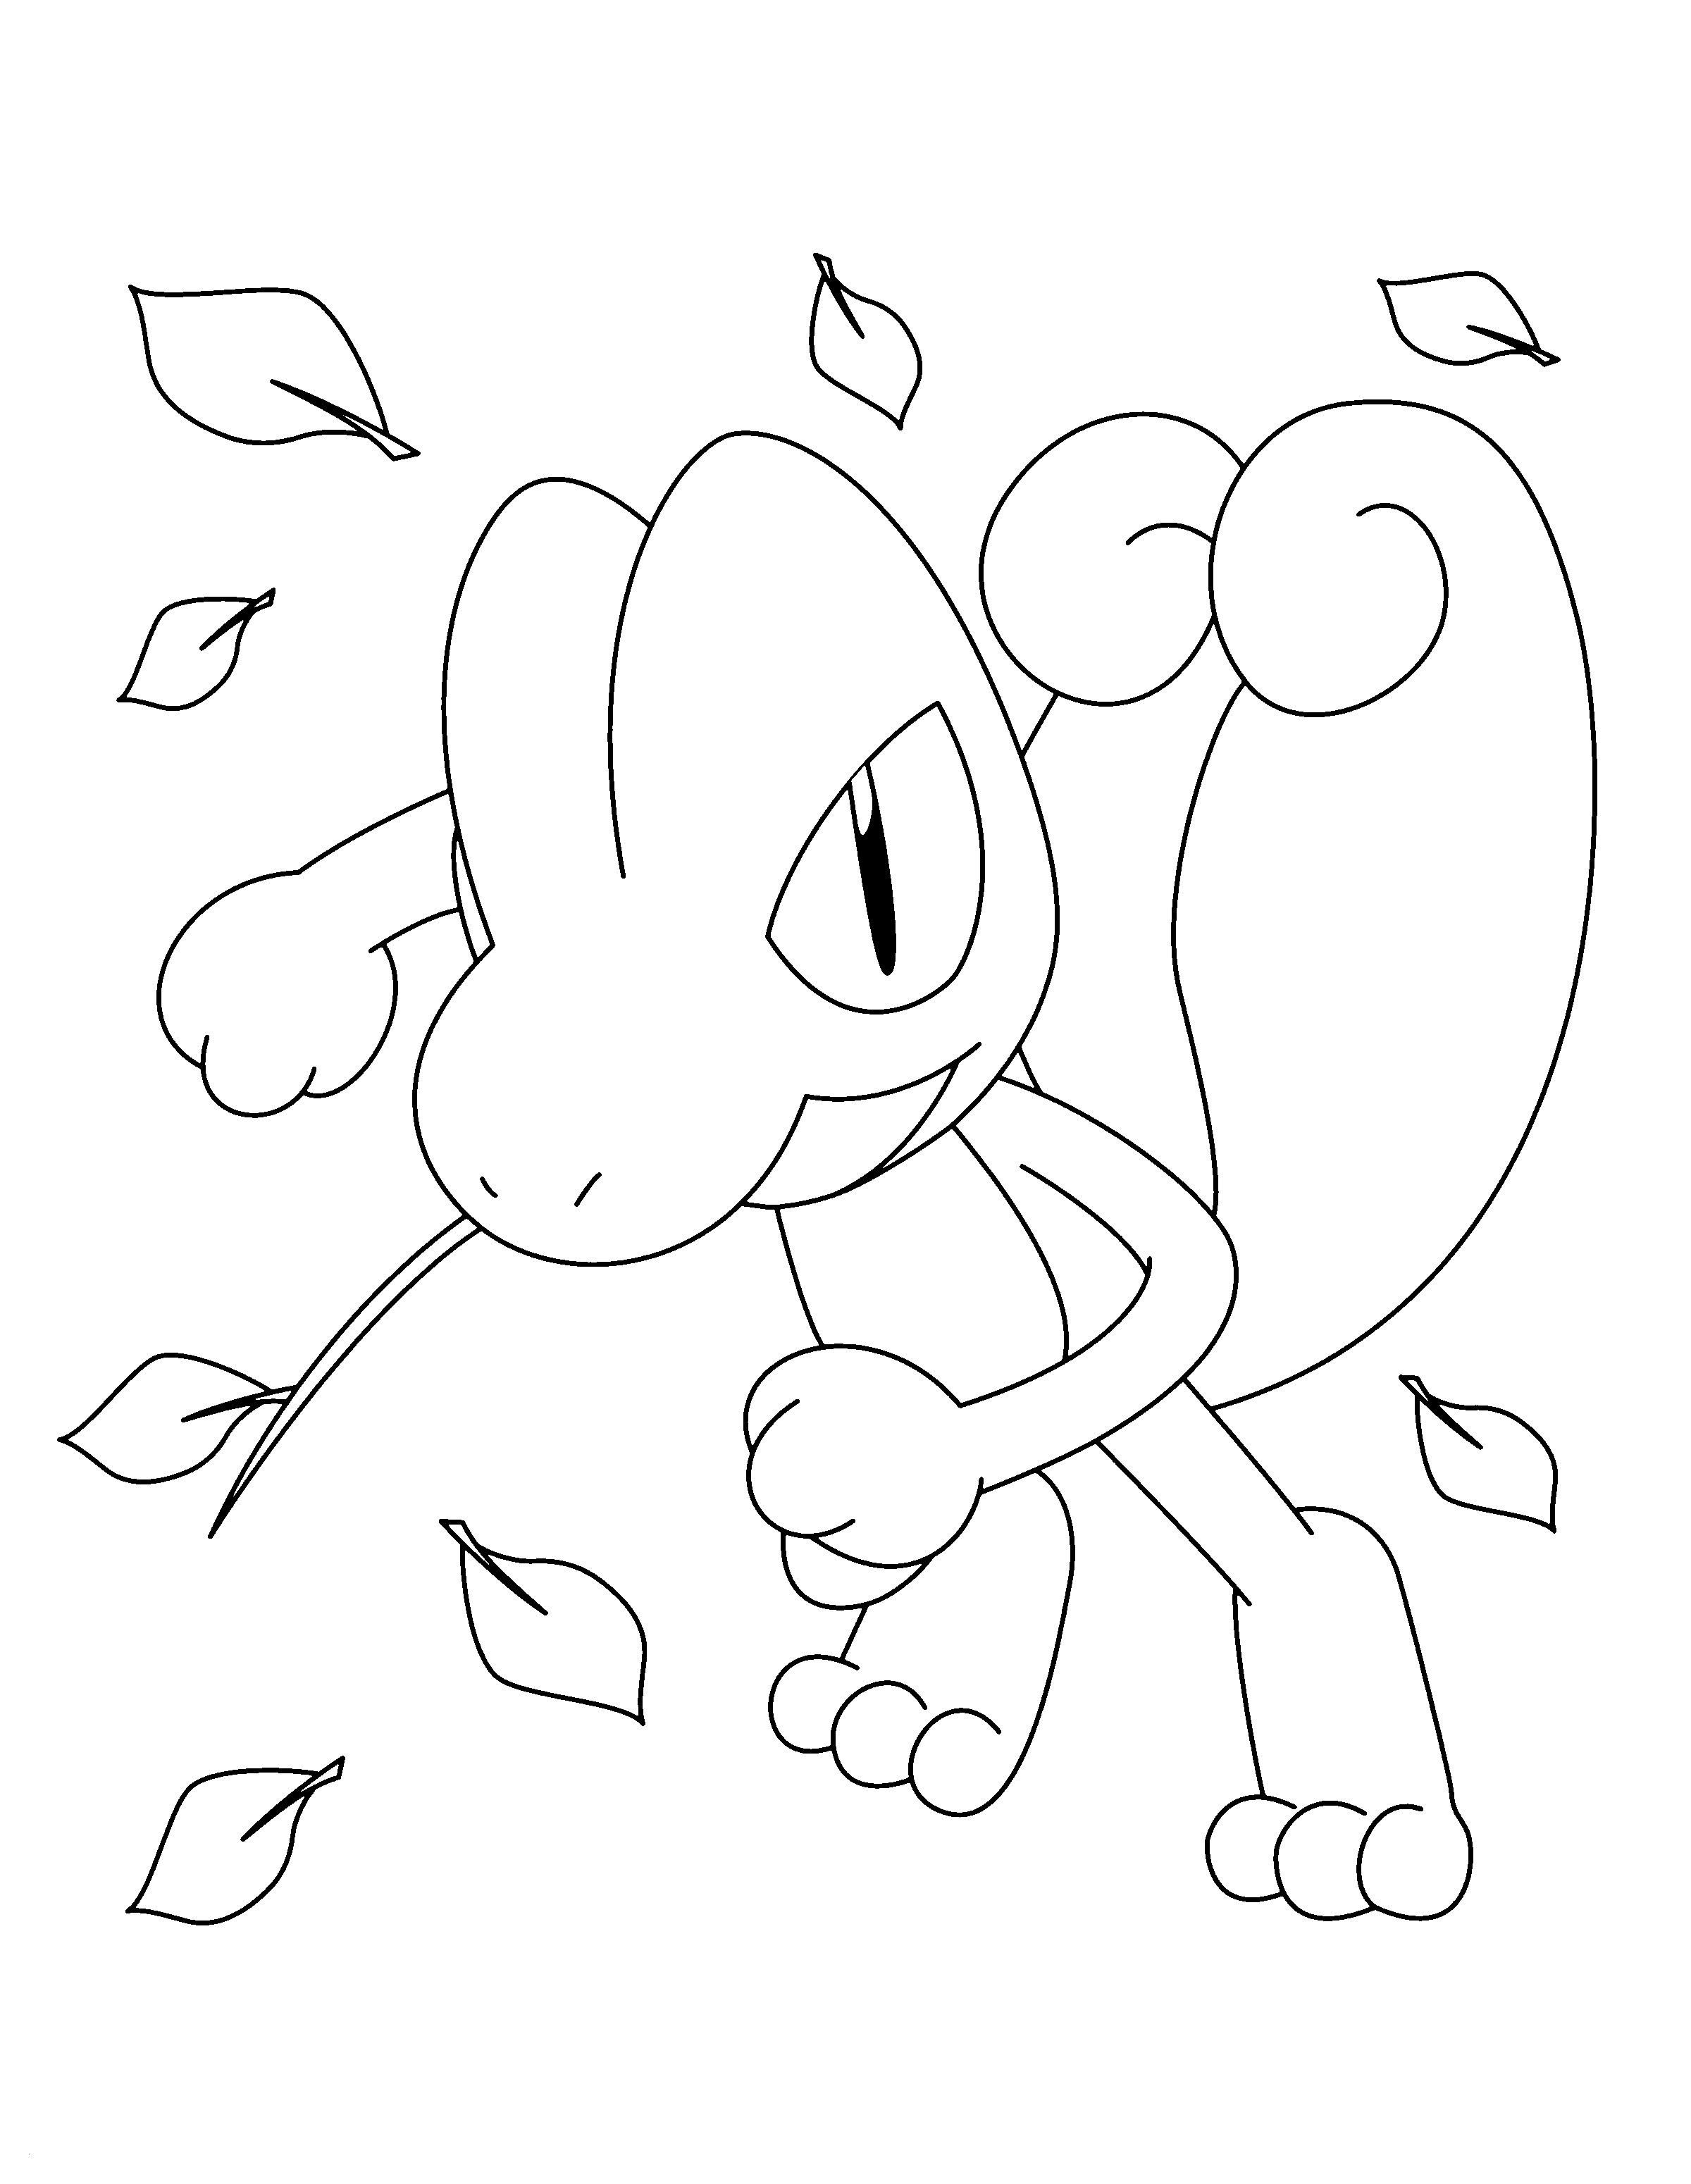 Ausmalbilder Pokemon Lucario Das Beste Von Luxus 20 Ausmalbilder Pokemon Mega Rayquaza Malvorlagen Das Bild